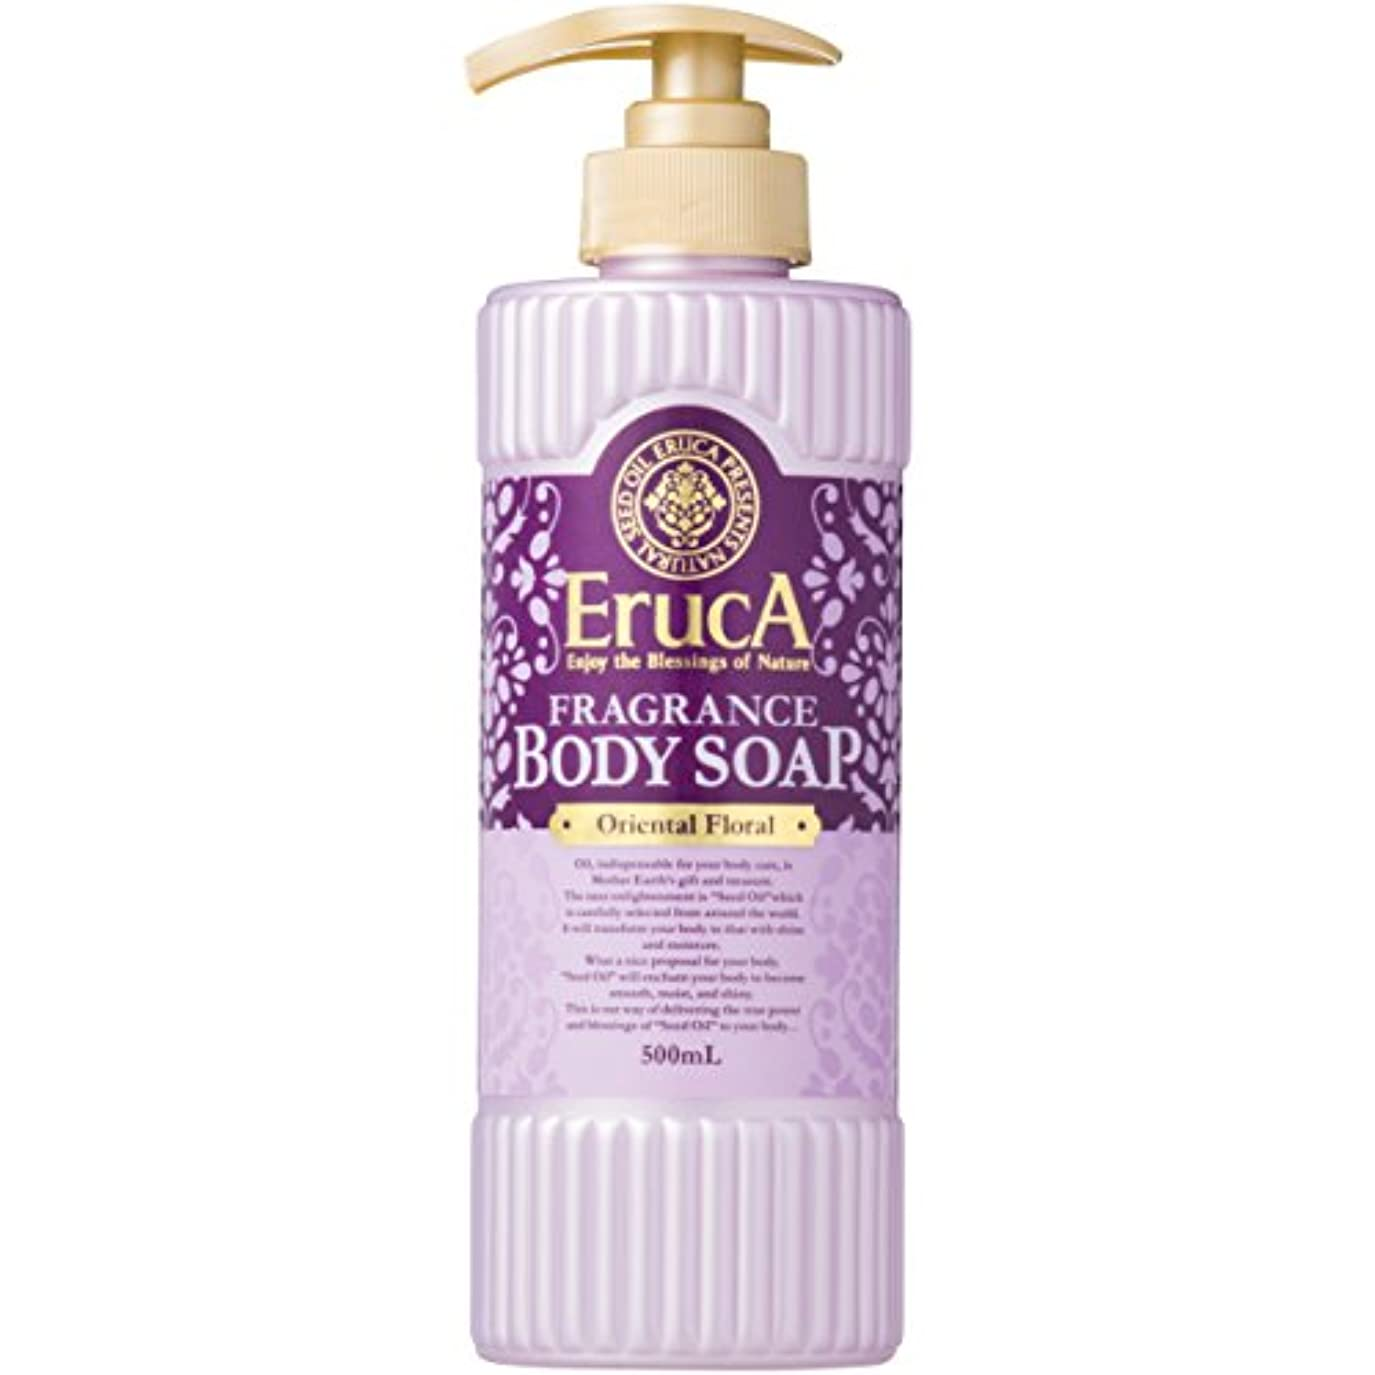 夢借りるケントエルーカ フレグランスボディソープ オリエンタルフローラルの香り 500ml